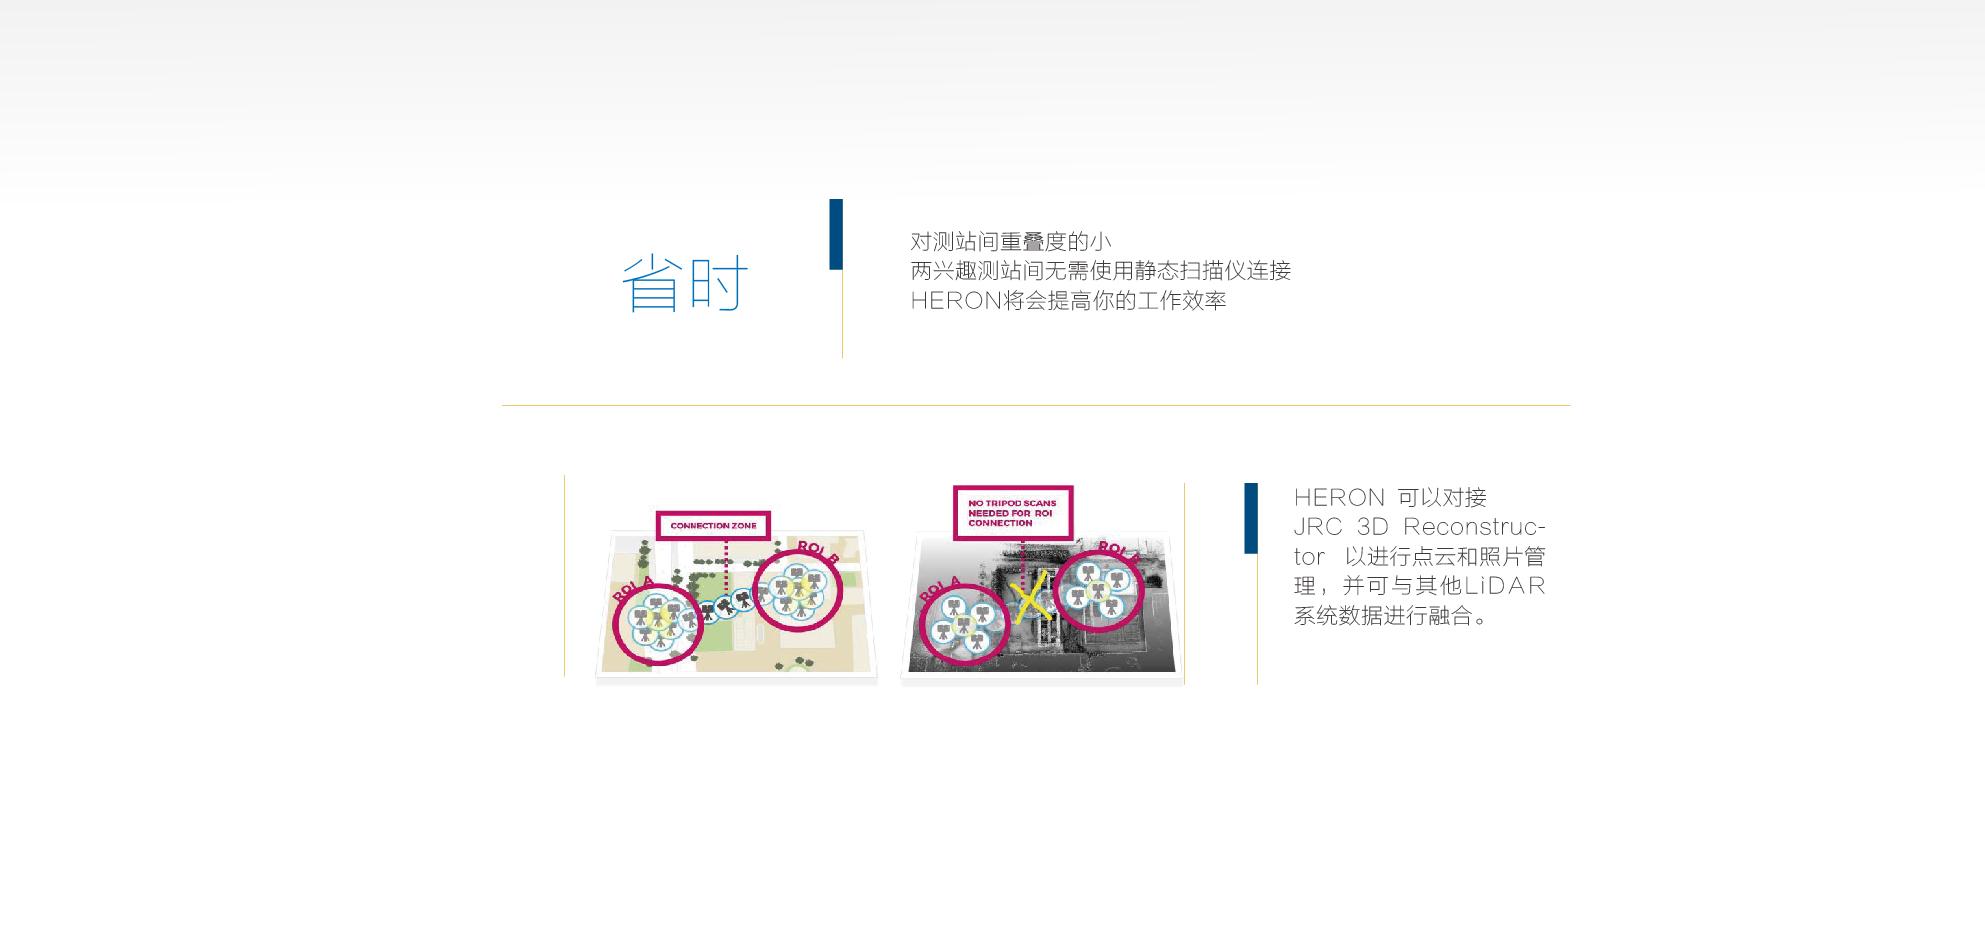 上海華測HERON背包SLAM激光掃描系統省時作業,數據對接融合,華測導航